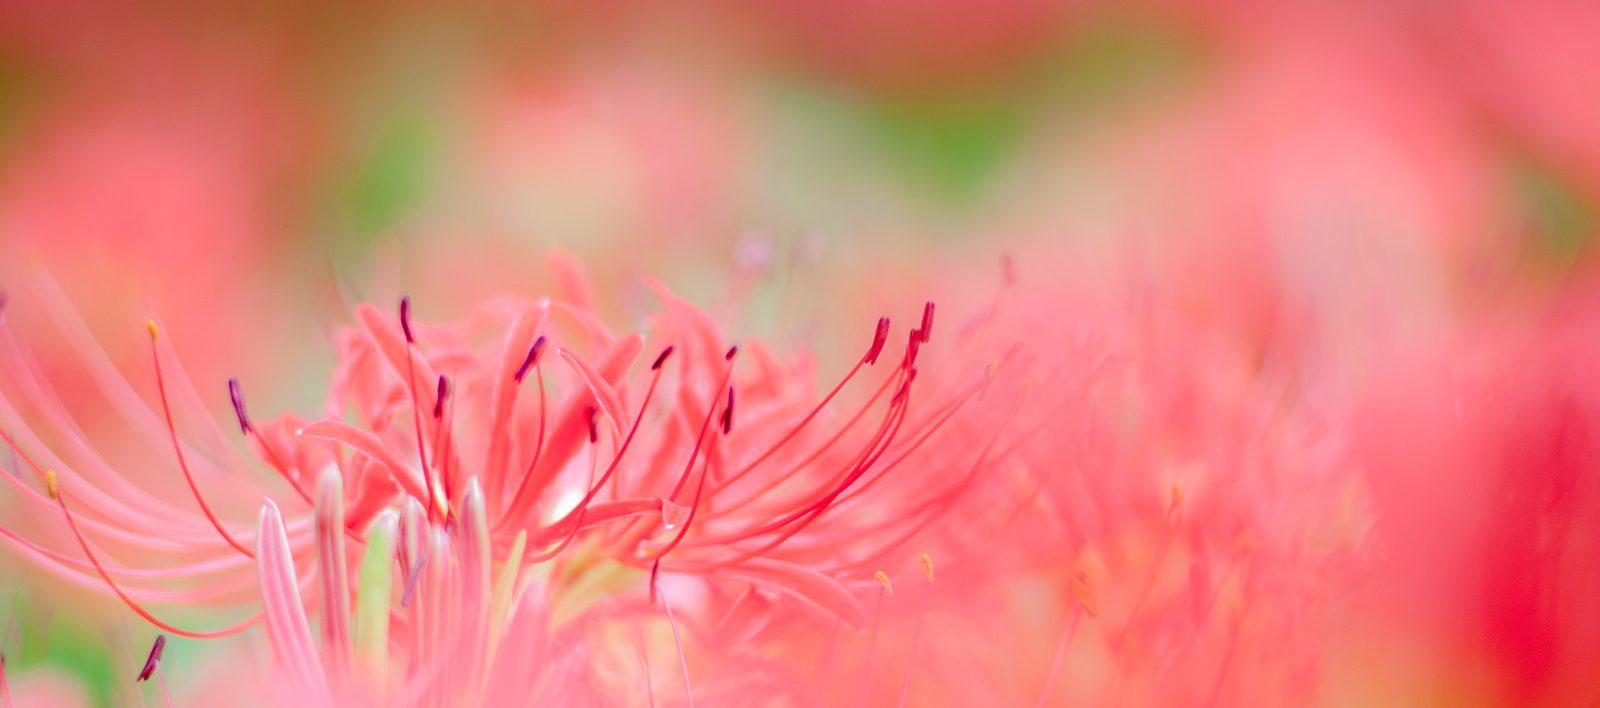 花がら摘みは、ゆかしき